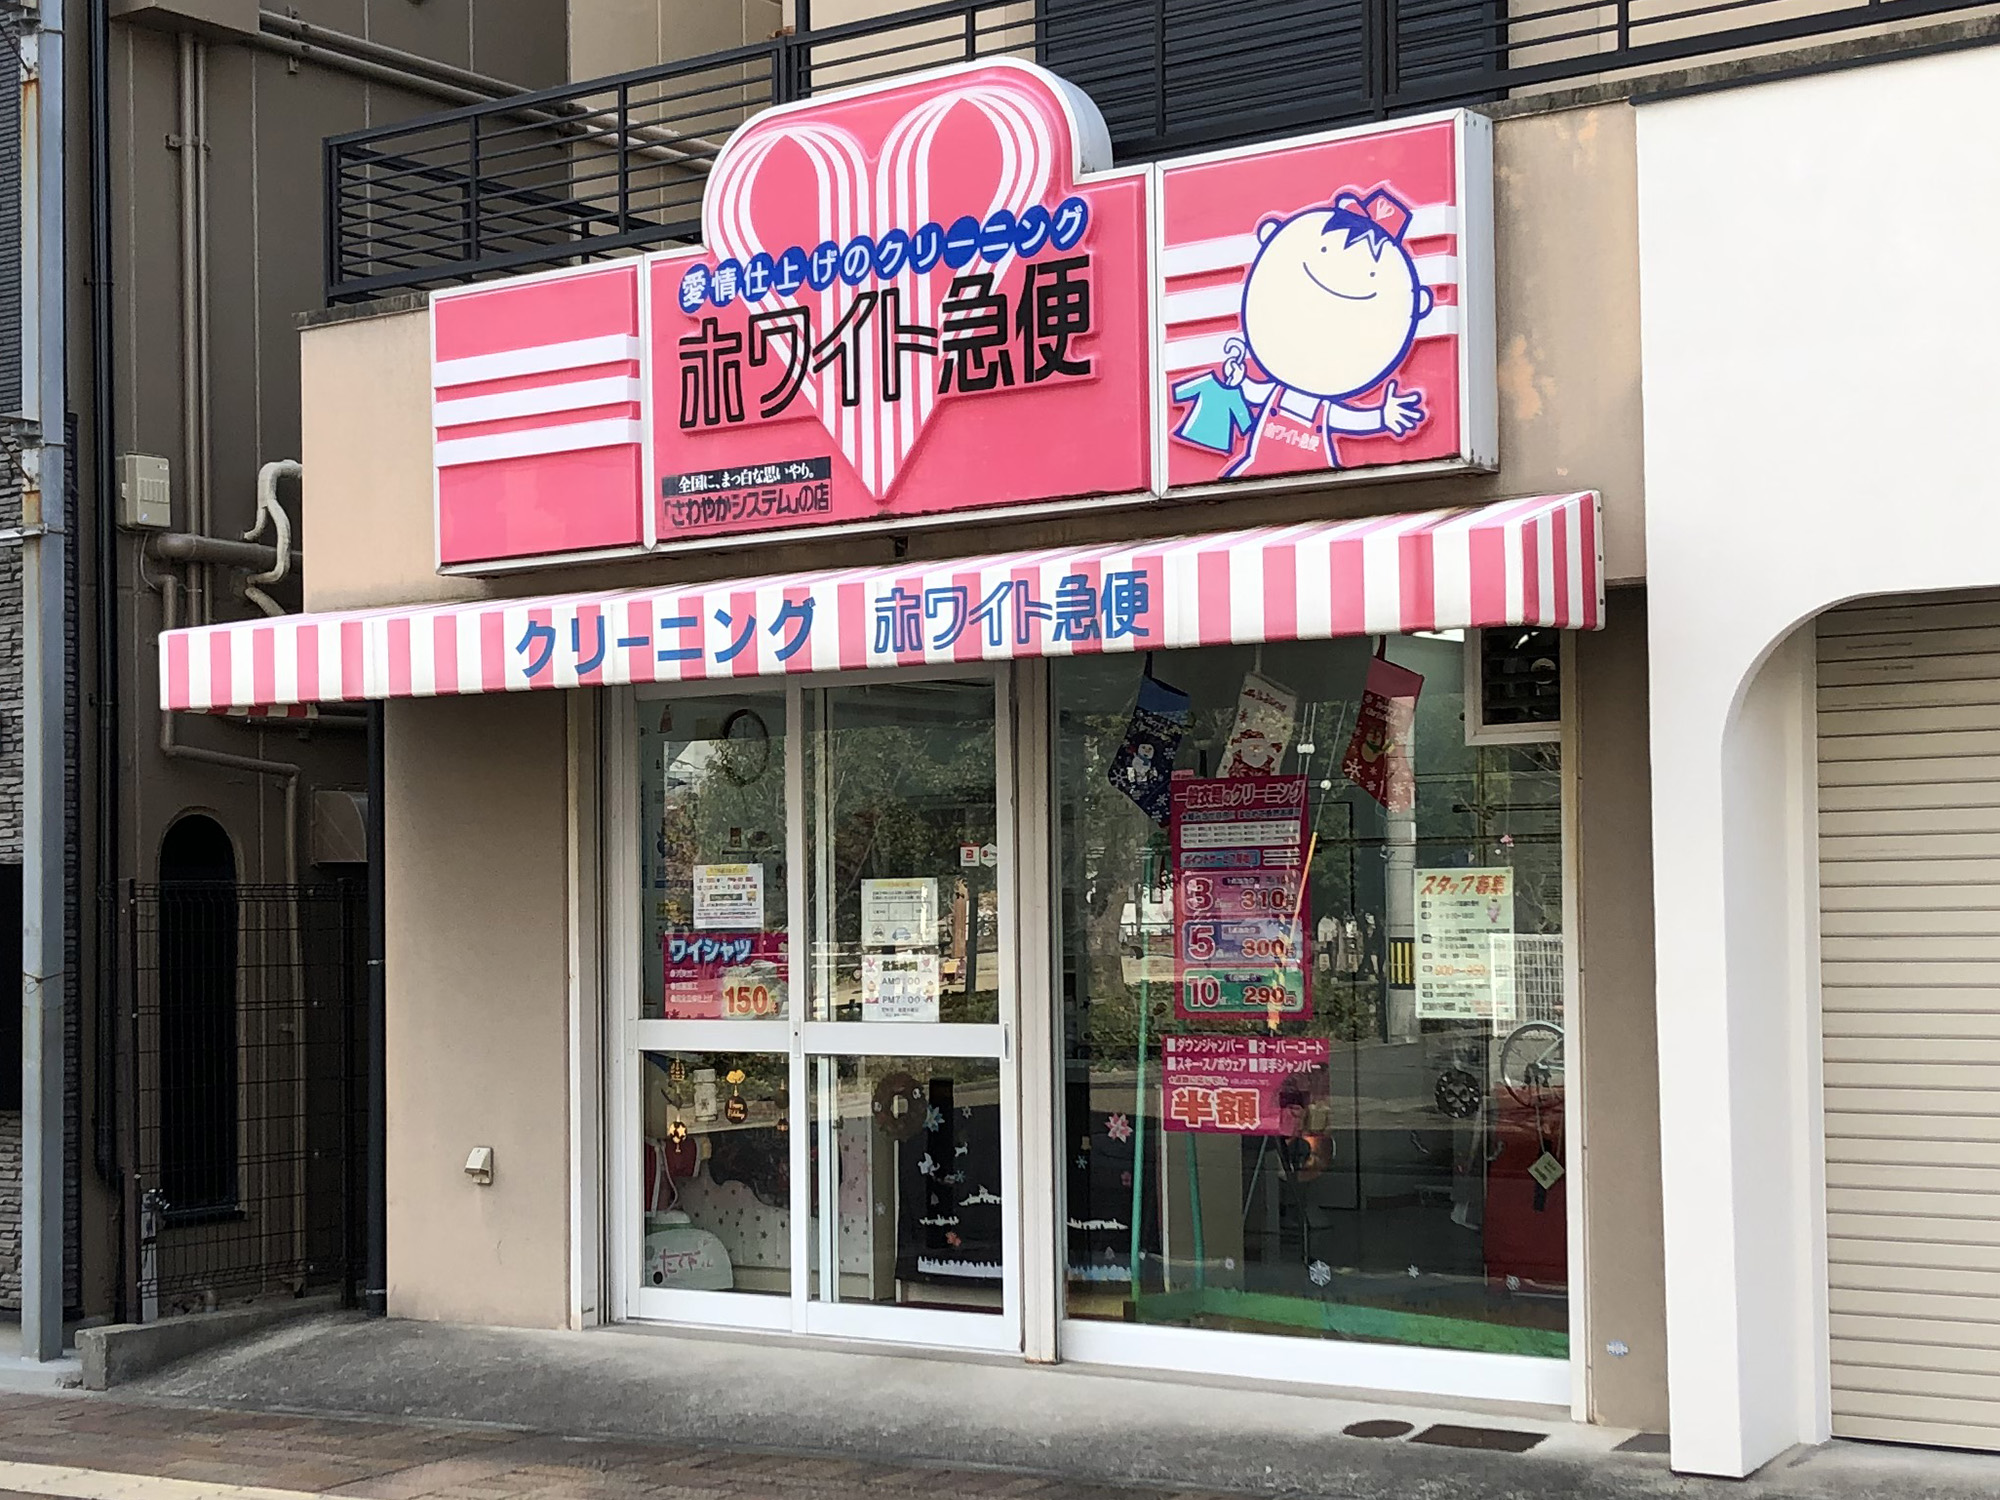 ホワイト急便阪神芦屋店